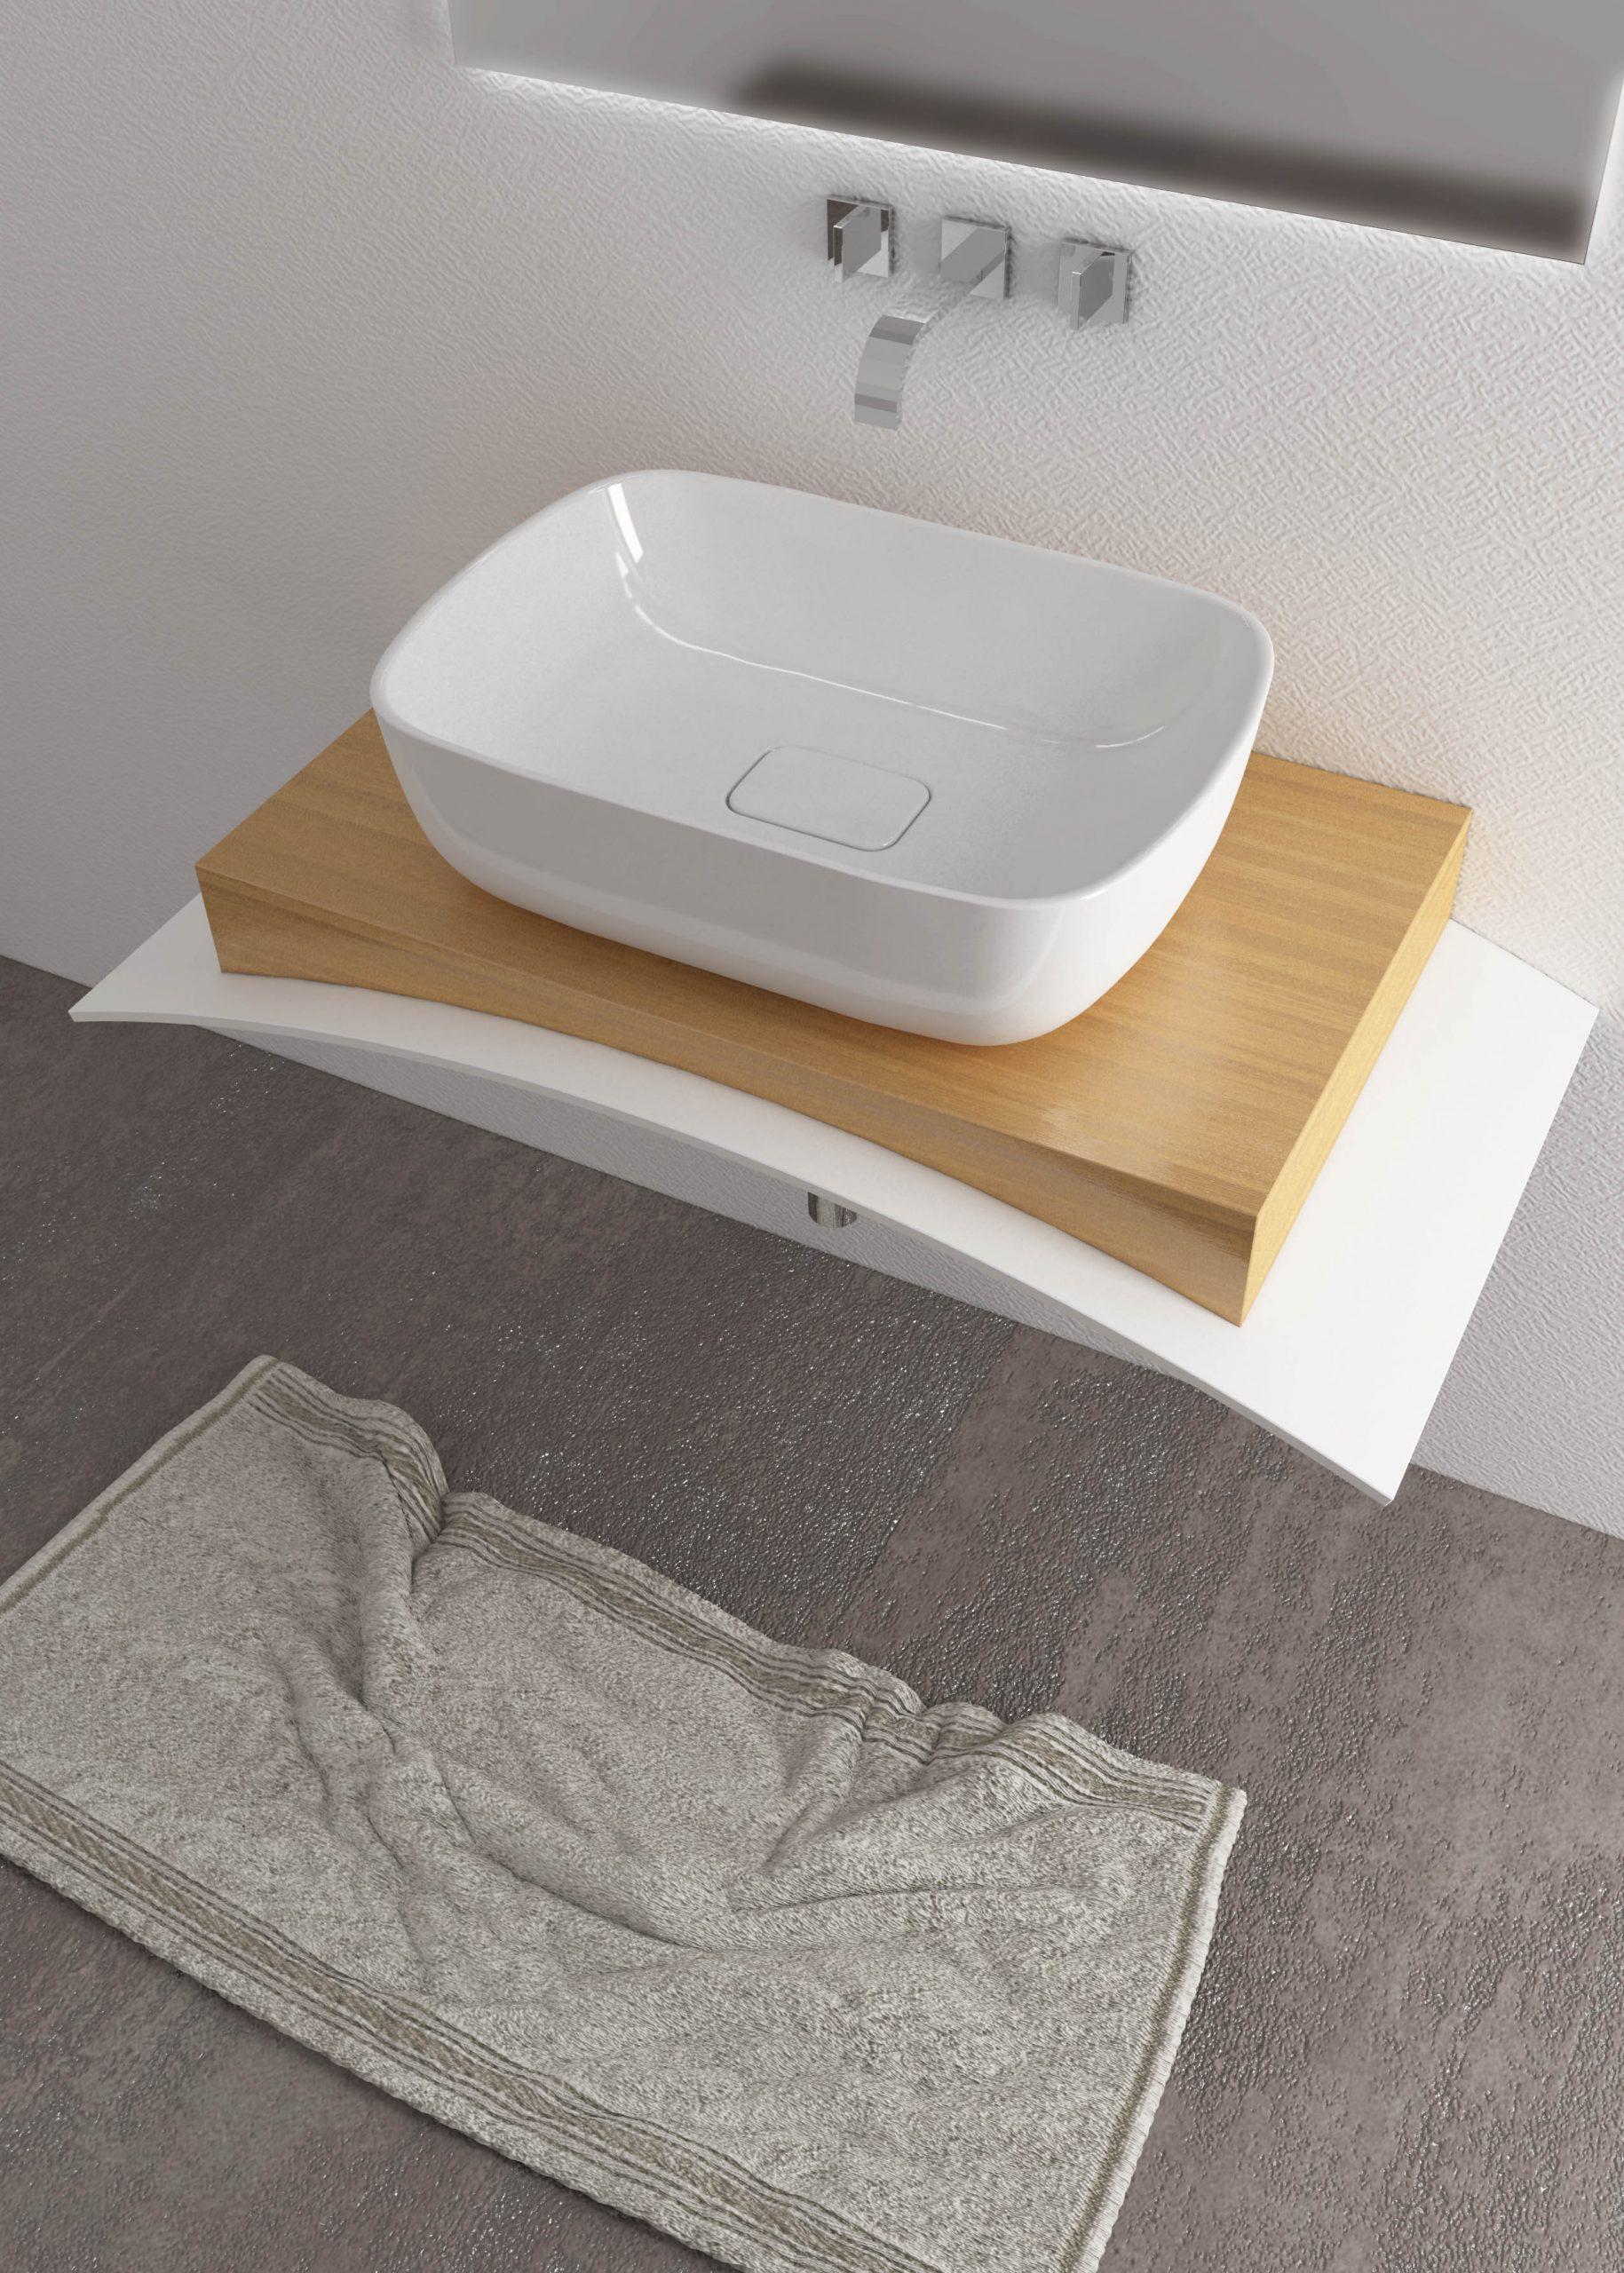 Piletta Per Lavabo Da Appoggio soft 60 lavabo da appoggio 65x45cm.opera sanitari